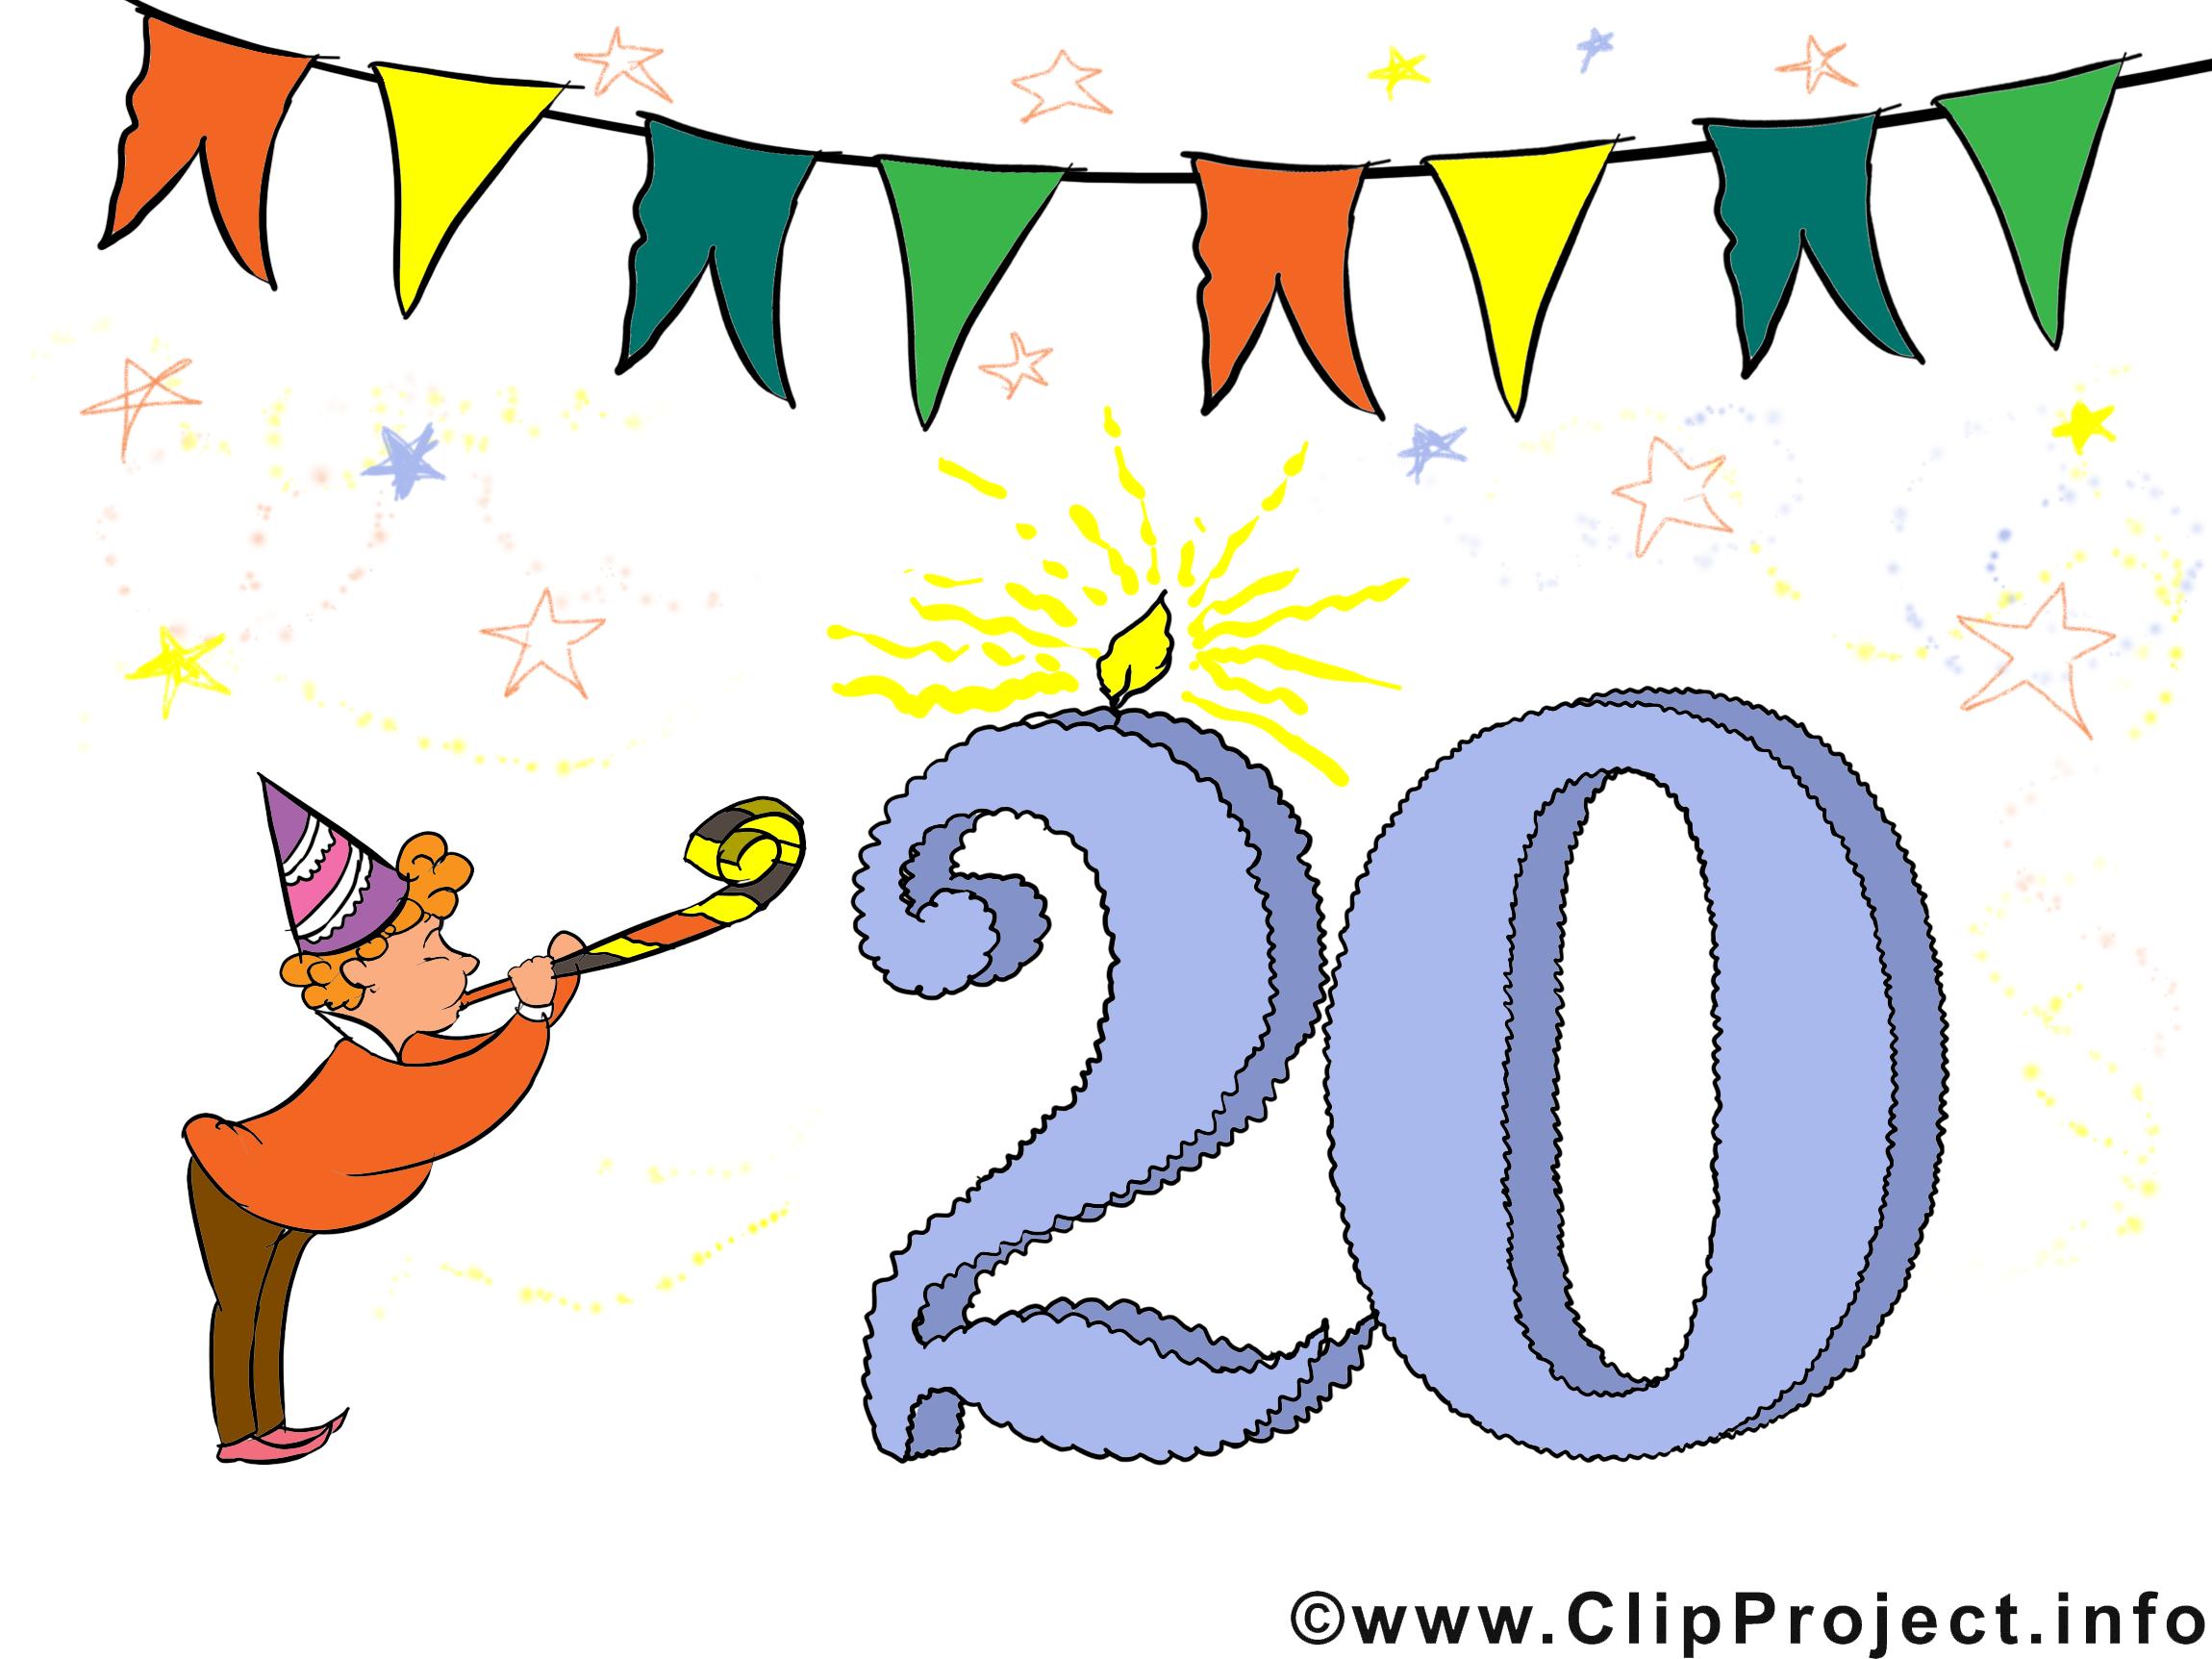 20 ans anniversaire image gratuite cartes virtuelles anniversaire dessin picture image - Clipart anniversaire gratuit telecharger ...